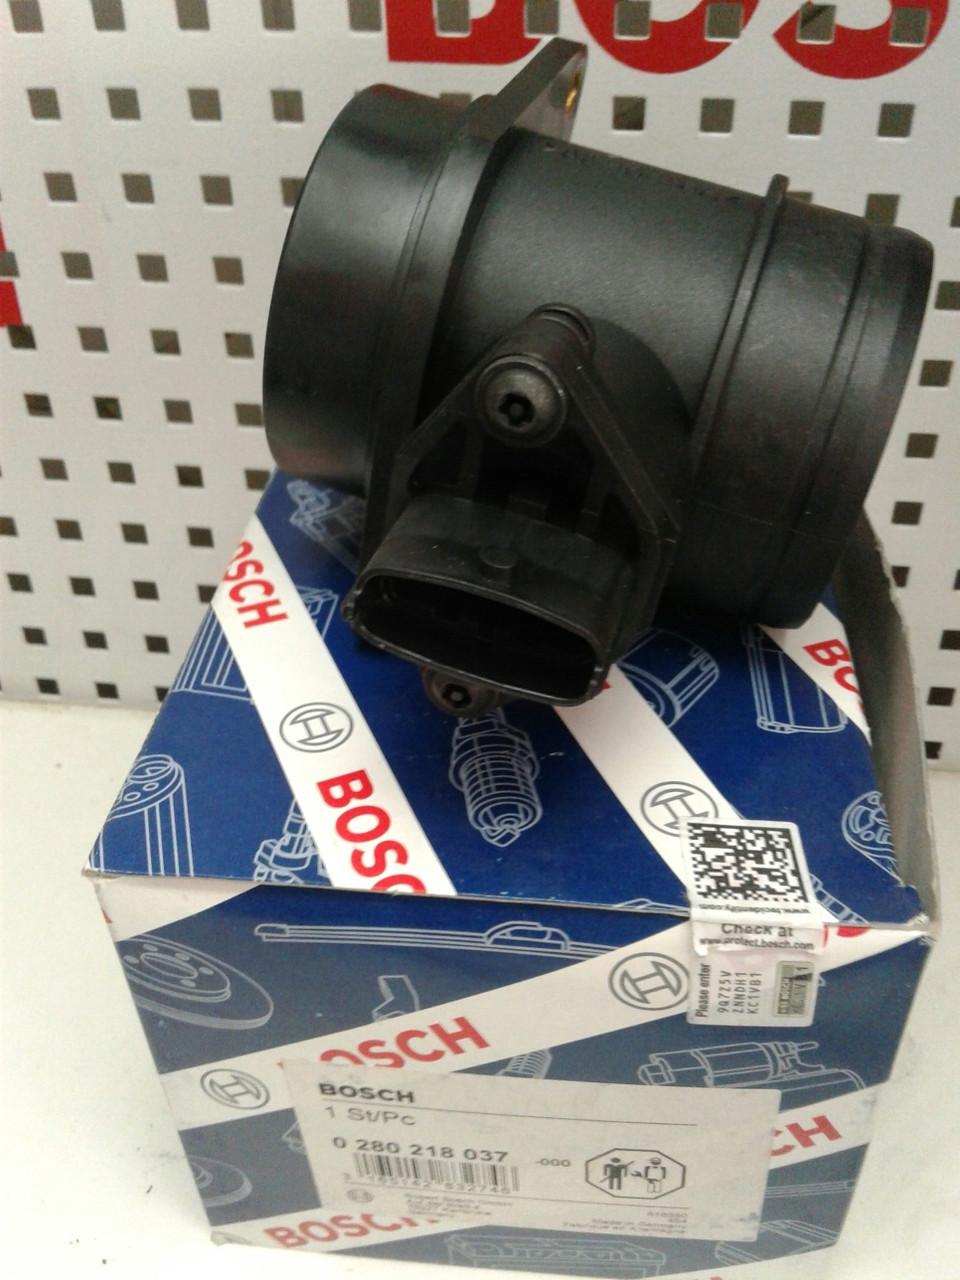 ДМРВ Bosch 0280218037, ДМРВ ВАЗ 1.5, 0 280 218 037, 037